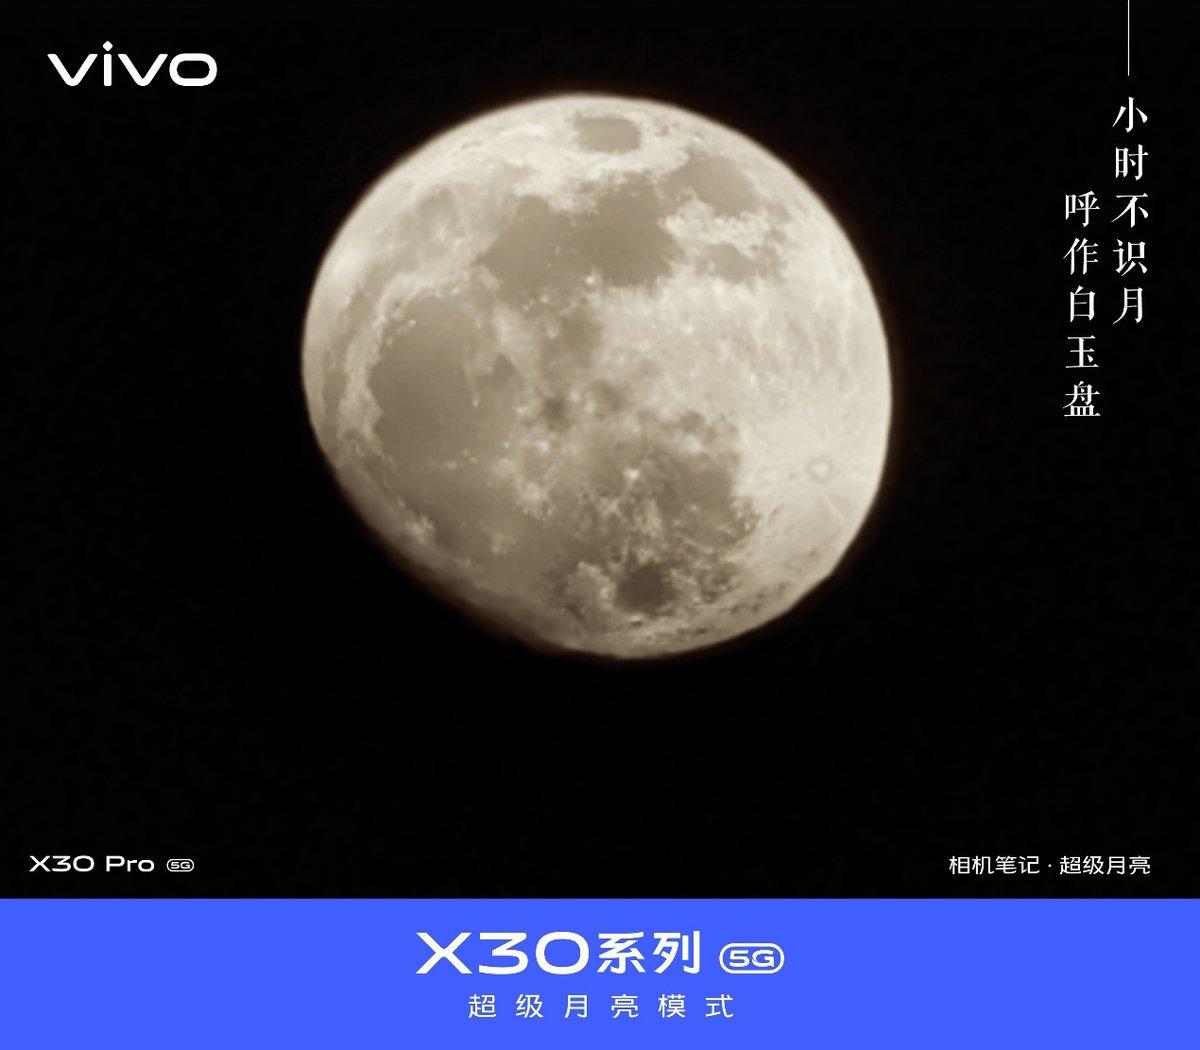 2020第一轮圆月,vivo X30 Pro潜望式镜头帮你清晰记录 - 热点资讯